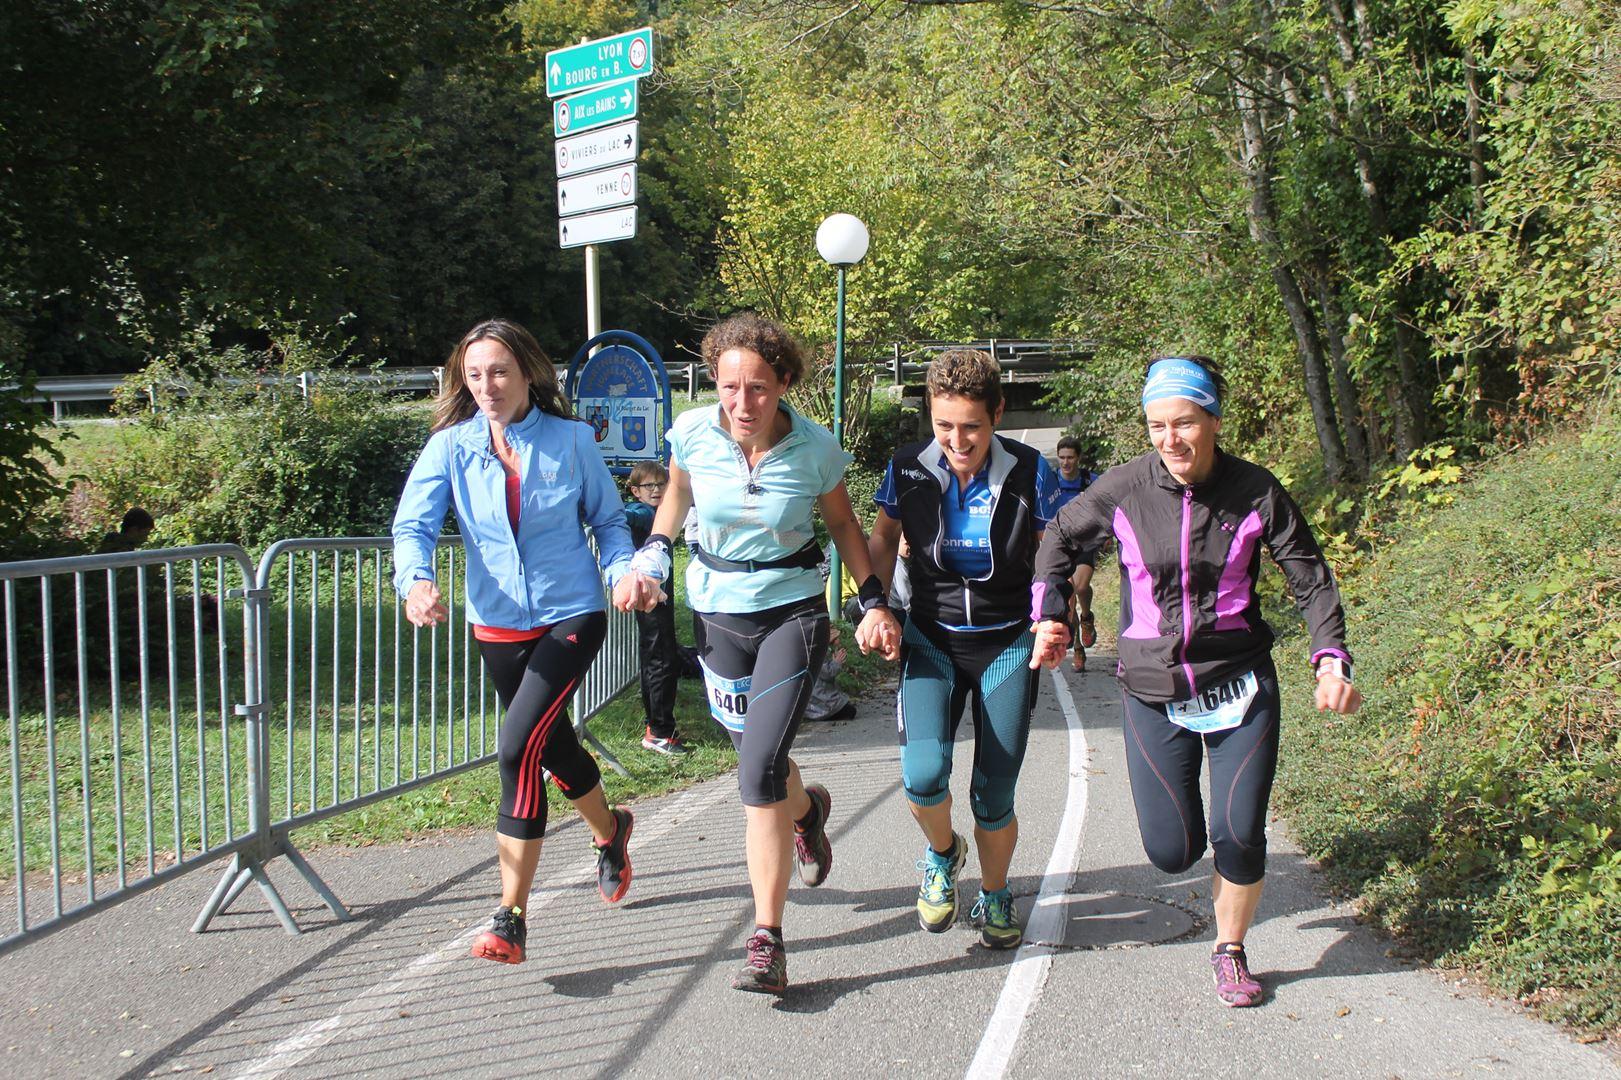 copie 0 Arrivée du 1er relais féminin à 4 - RESULTATS ET COMPTE RENDU DU GRAND TRAIL DU LAC 16-10-2016